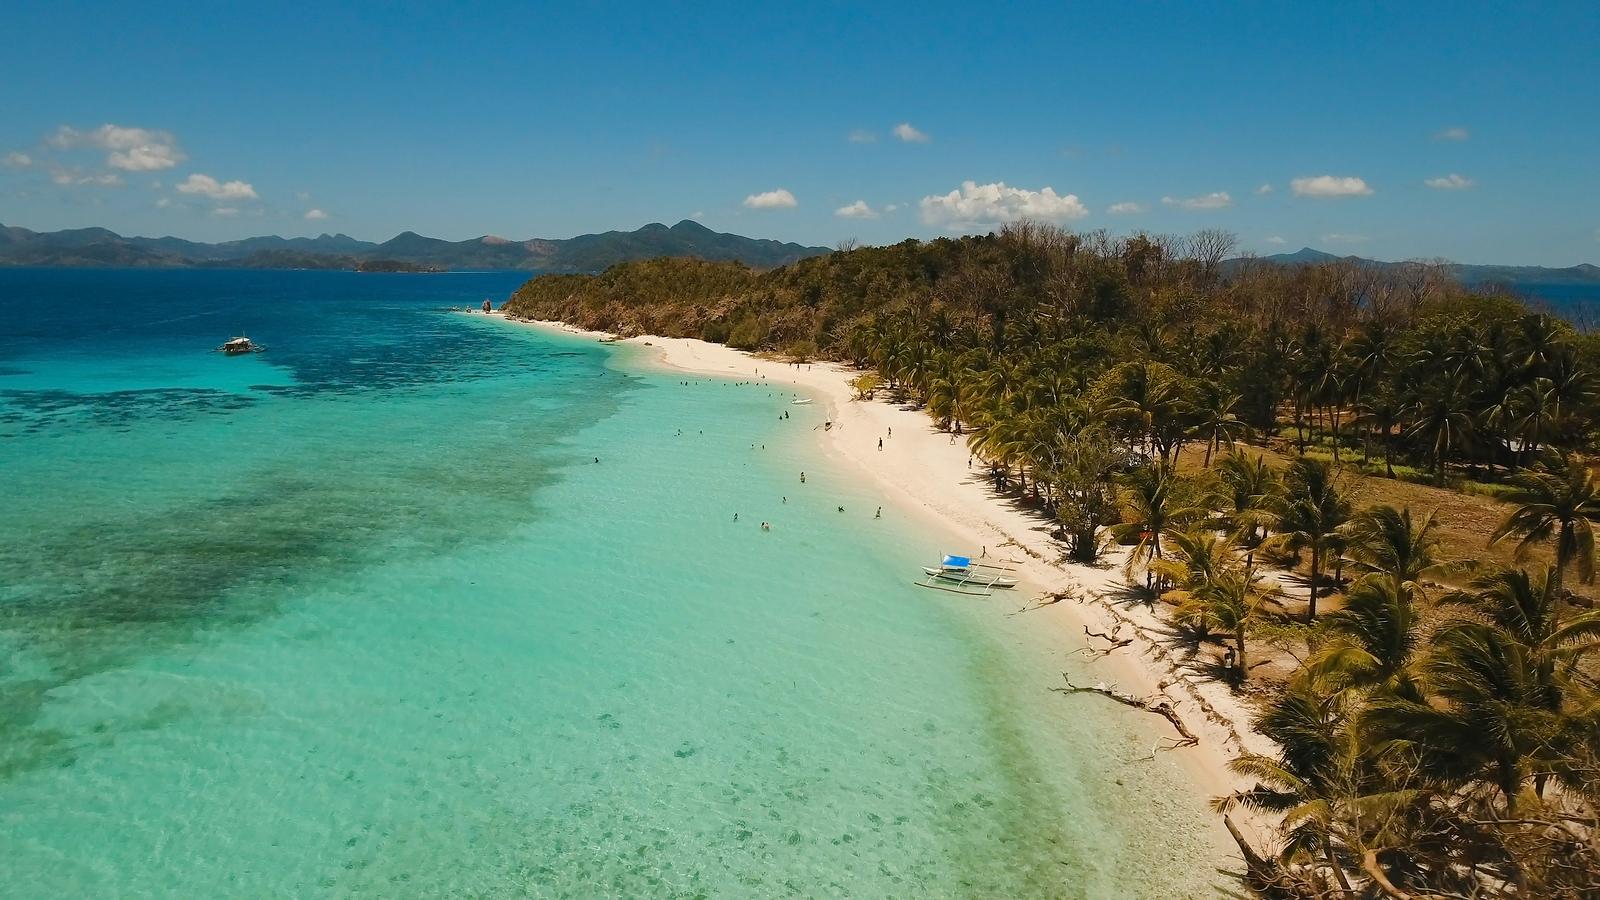 Malcapuya Beach | Bigstock Photo